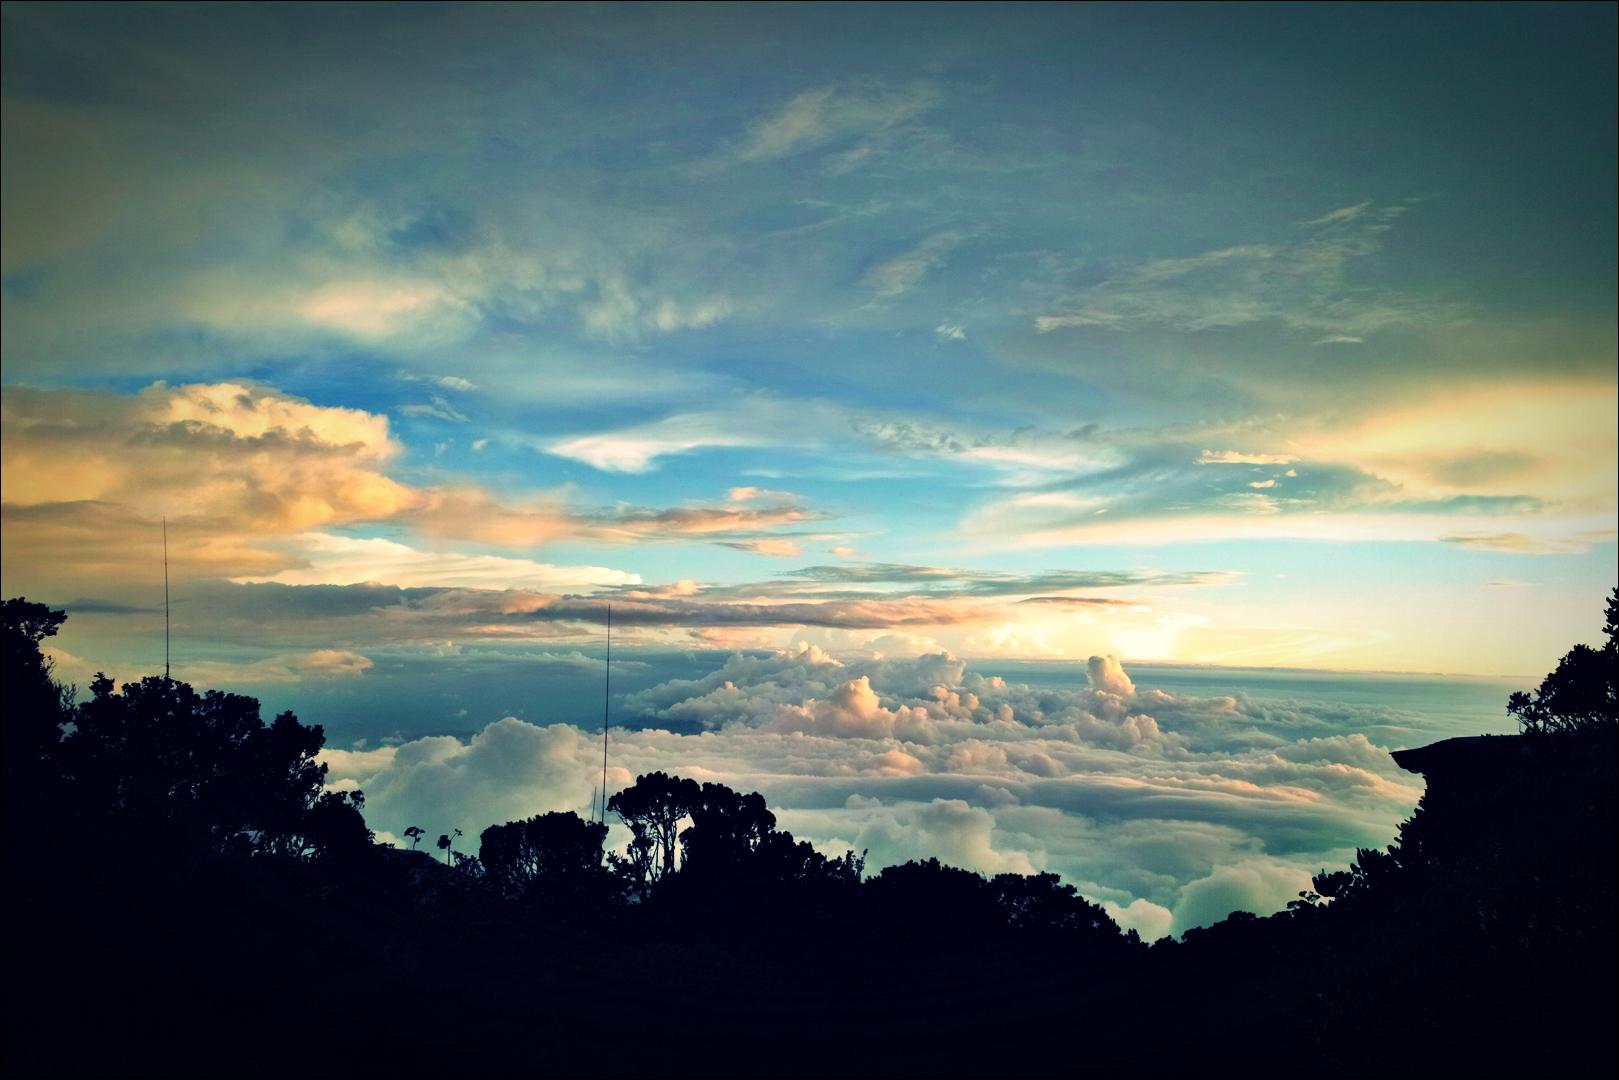 석양-'키나발루 산 등정 Climbing mount Kinabalu Low's peak the summit'